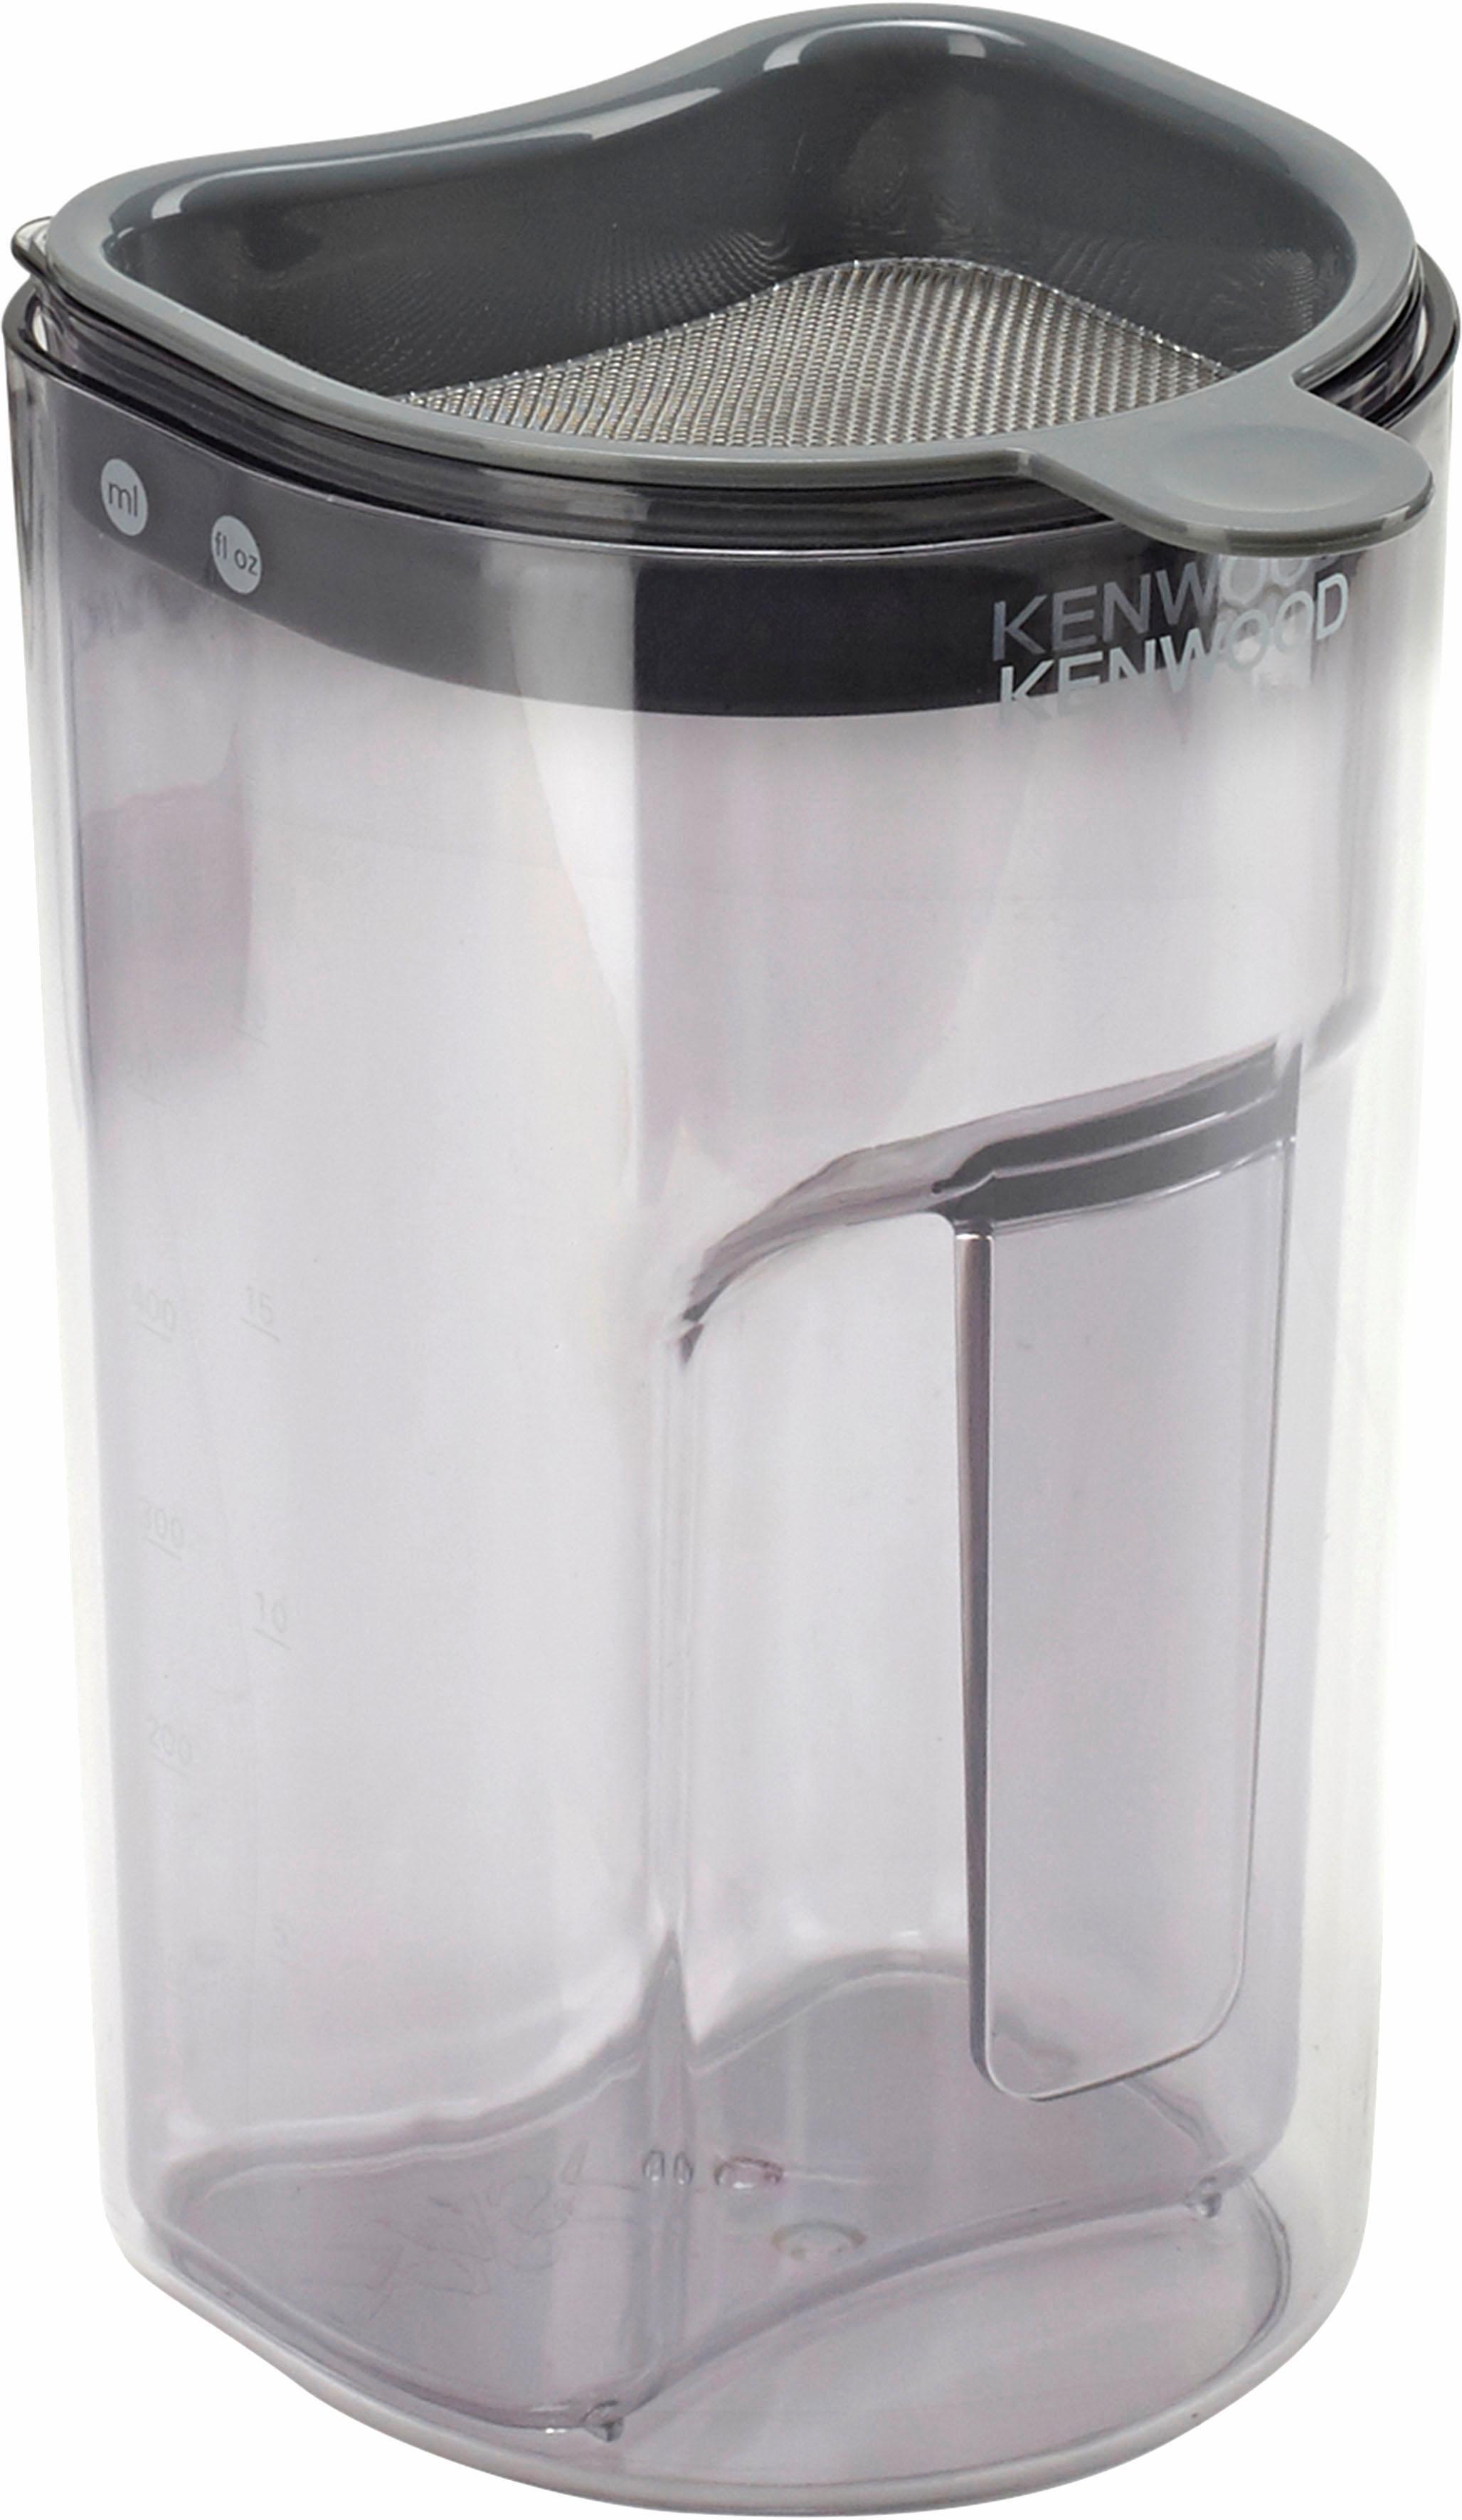 Kenwood Slow Juicer Jmp 600 : KENWOOD Slow Juicer JMP 600 SI, 150 W in de online winkel OTTO